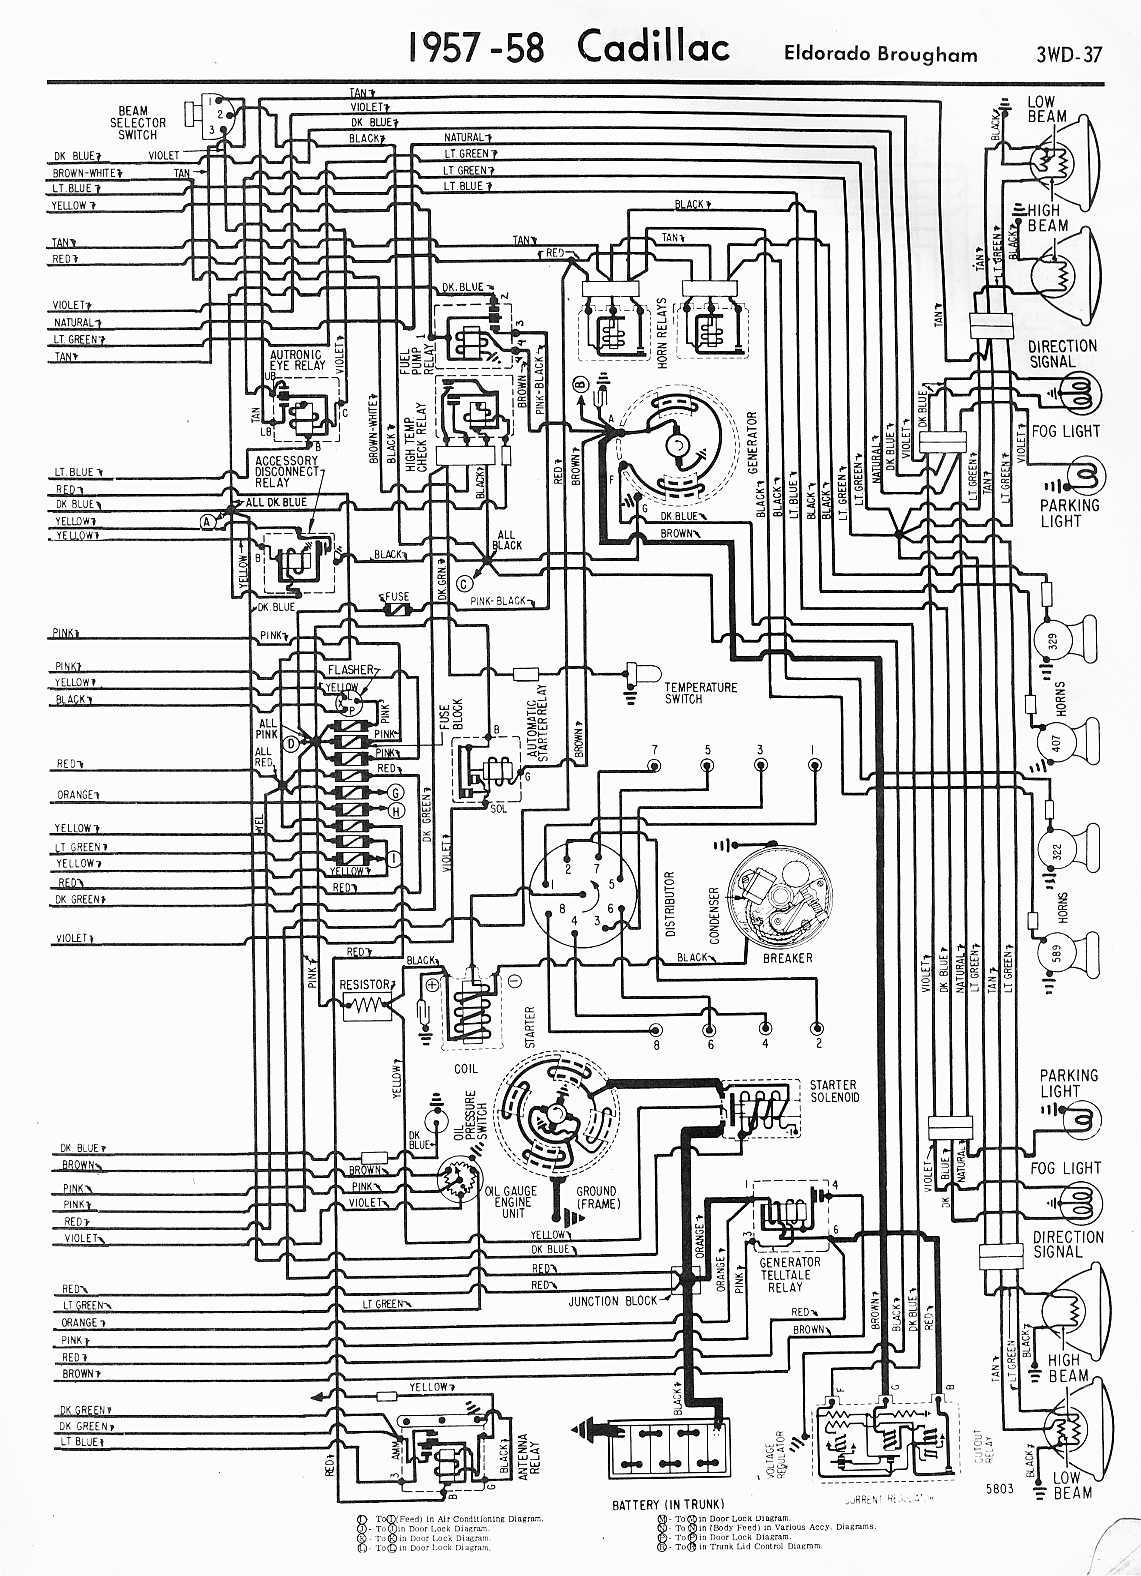 2001 cadillac seville sts wiring diagrams 2001 cadillac